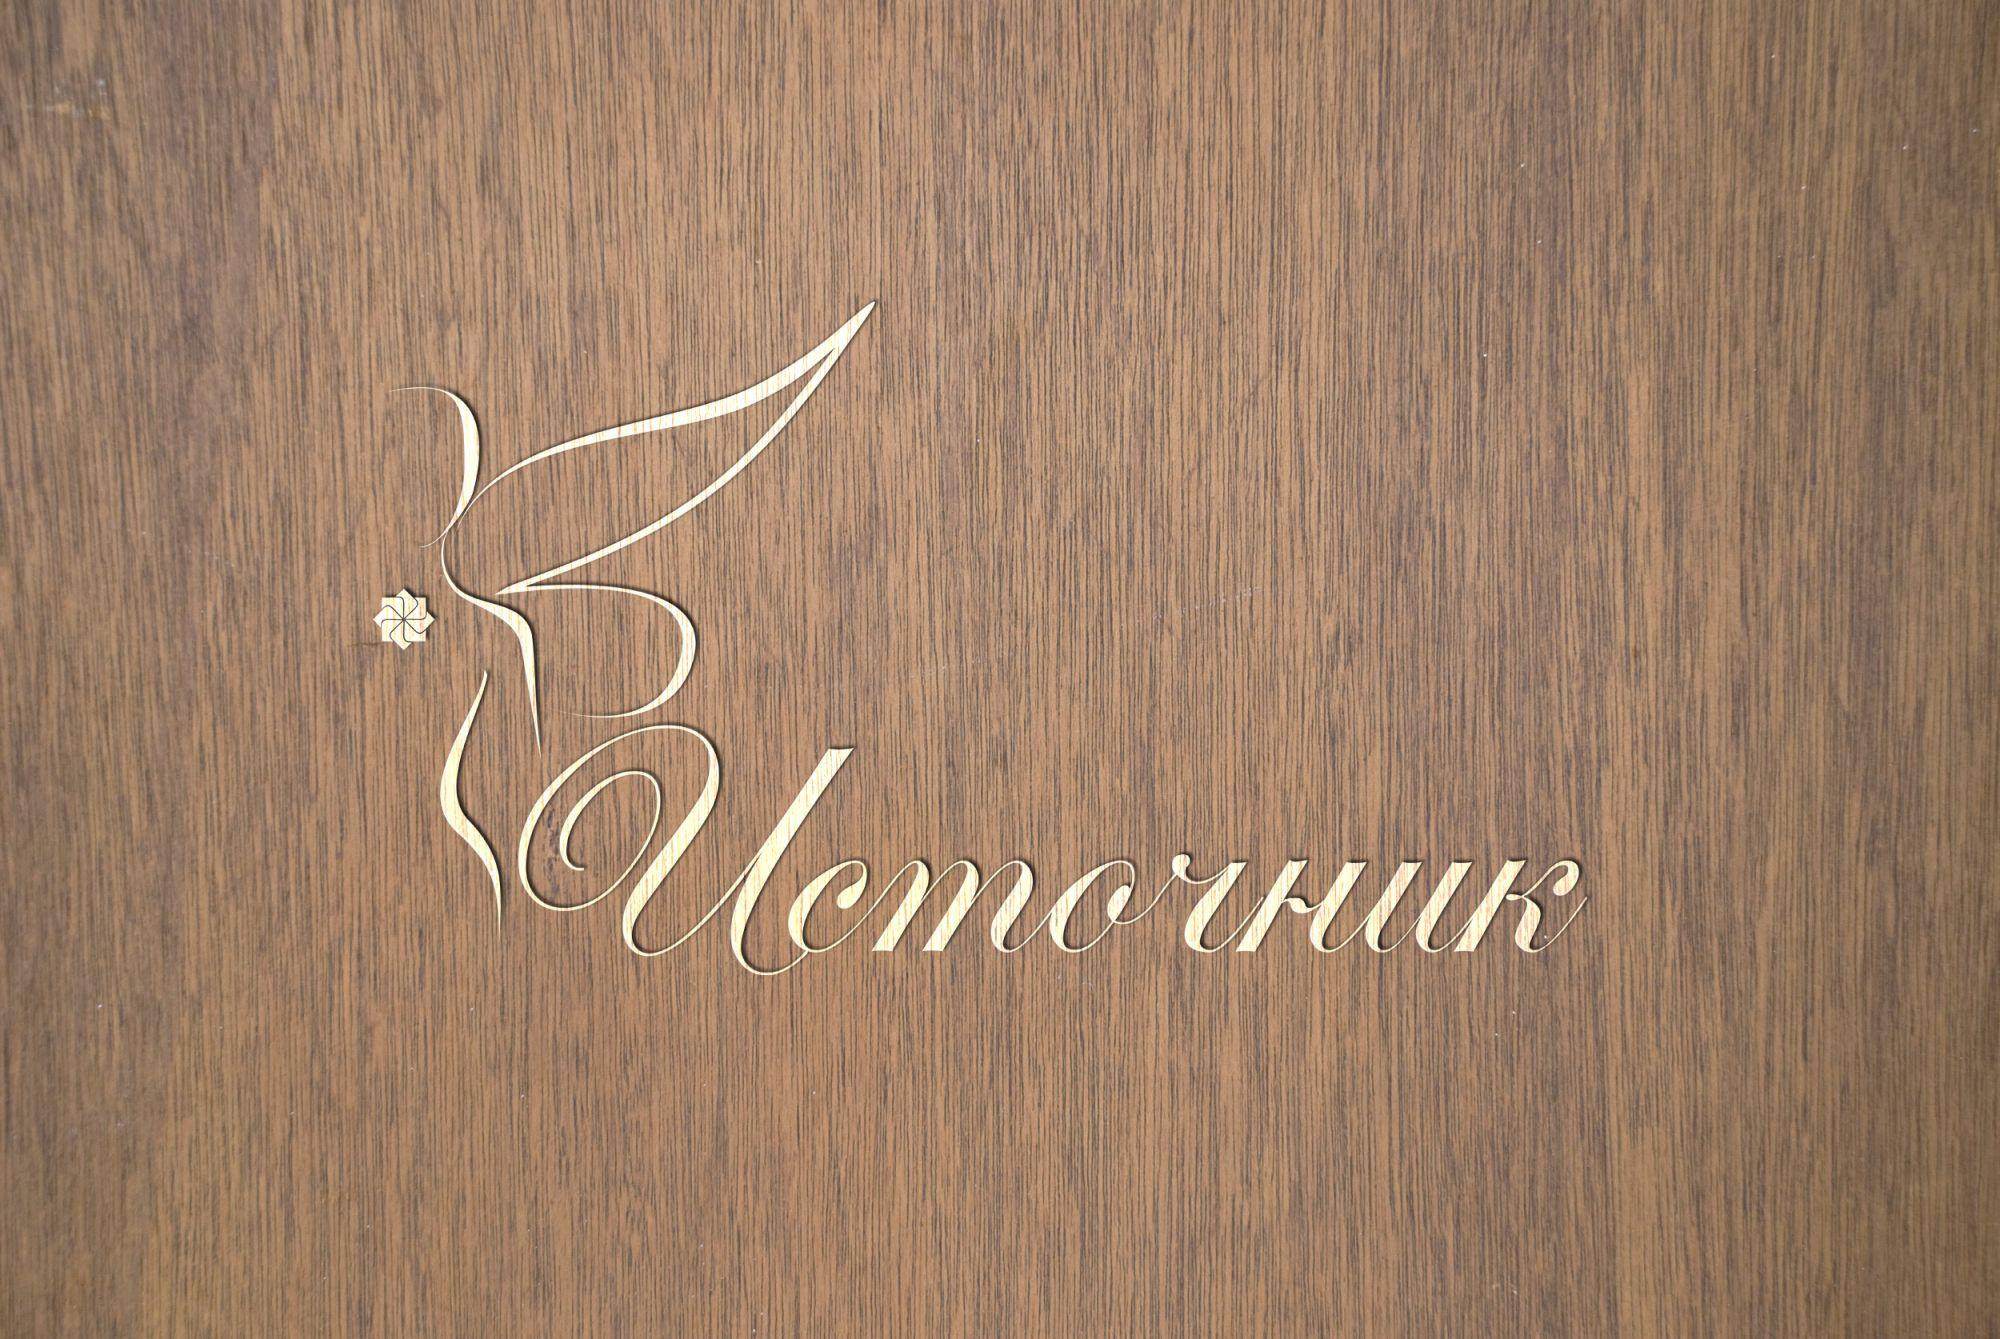 Логотип для магазина Украшений из Фильмов - дизайнер darkbluecat